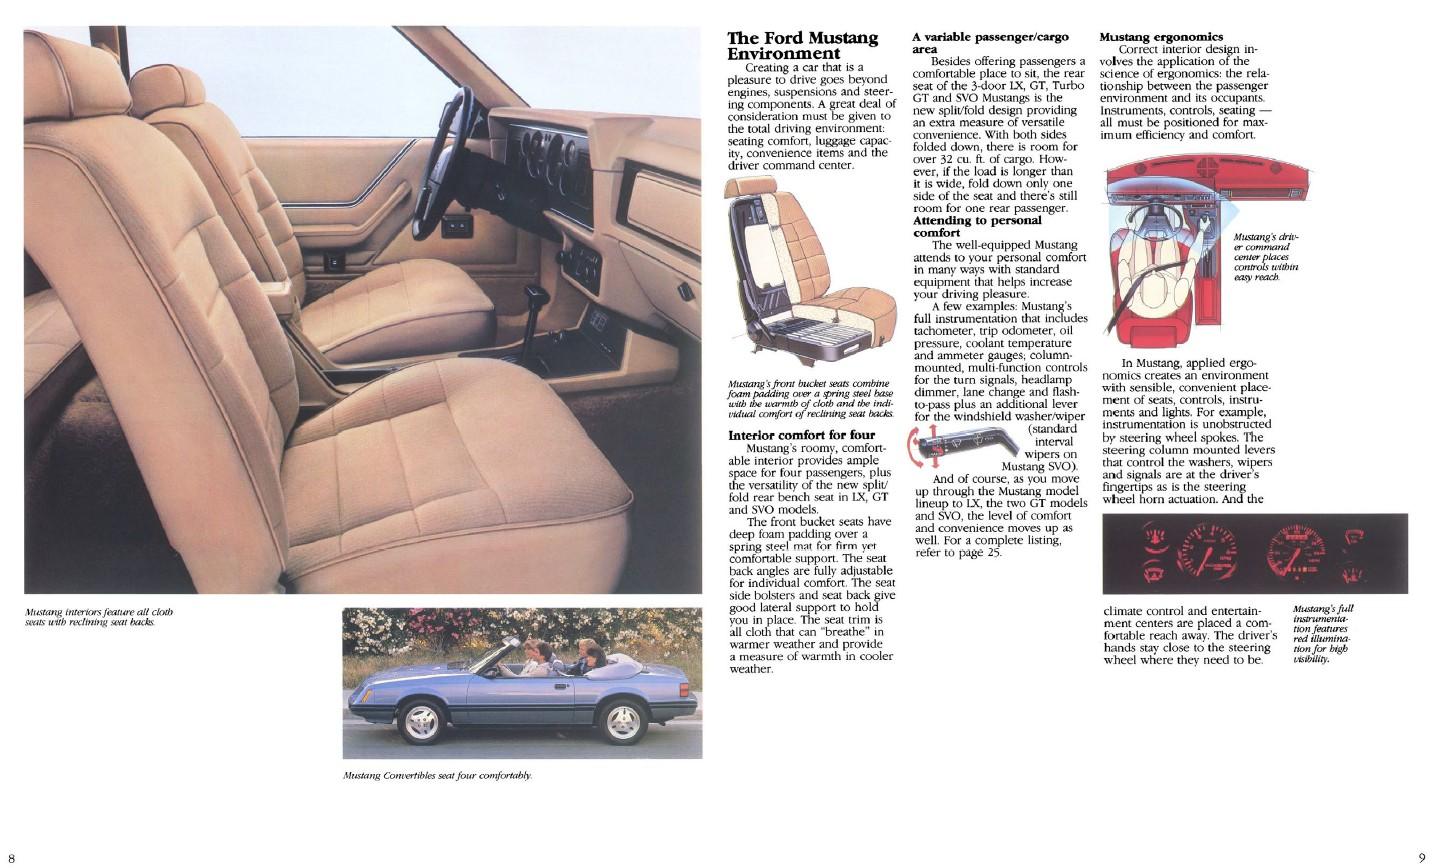 1984-ford-mustang-brochure-06.jpg